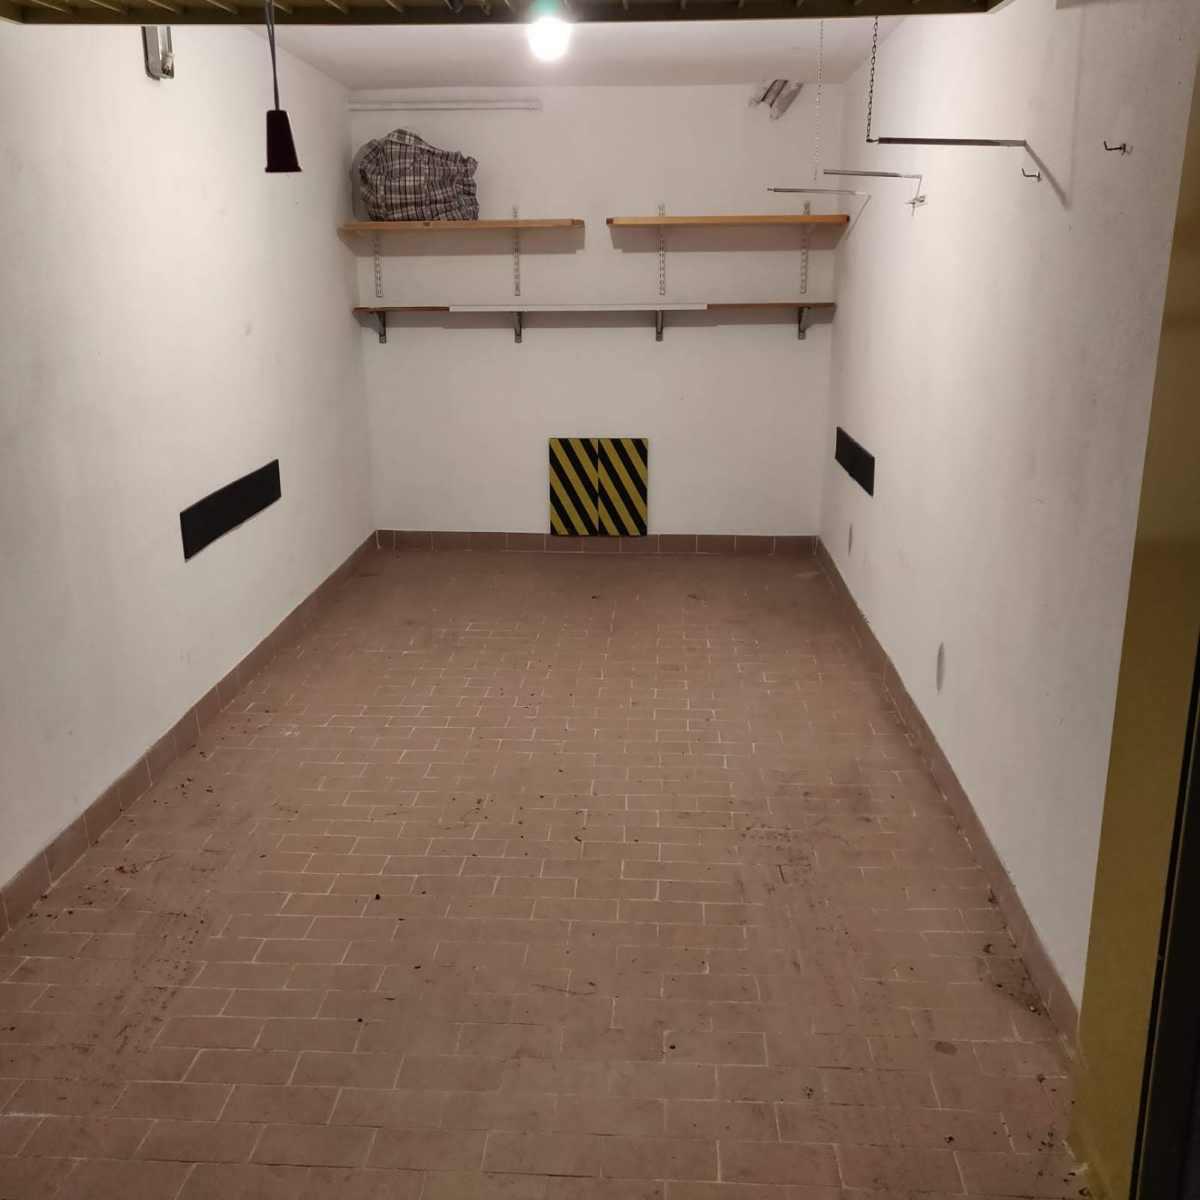 appartemento-baggio-milano-2-locali-bilocale-spaziourbano-immobiliare-vende-17